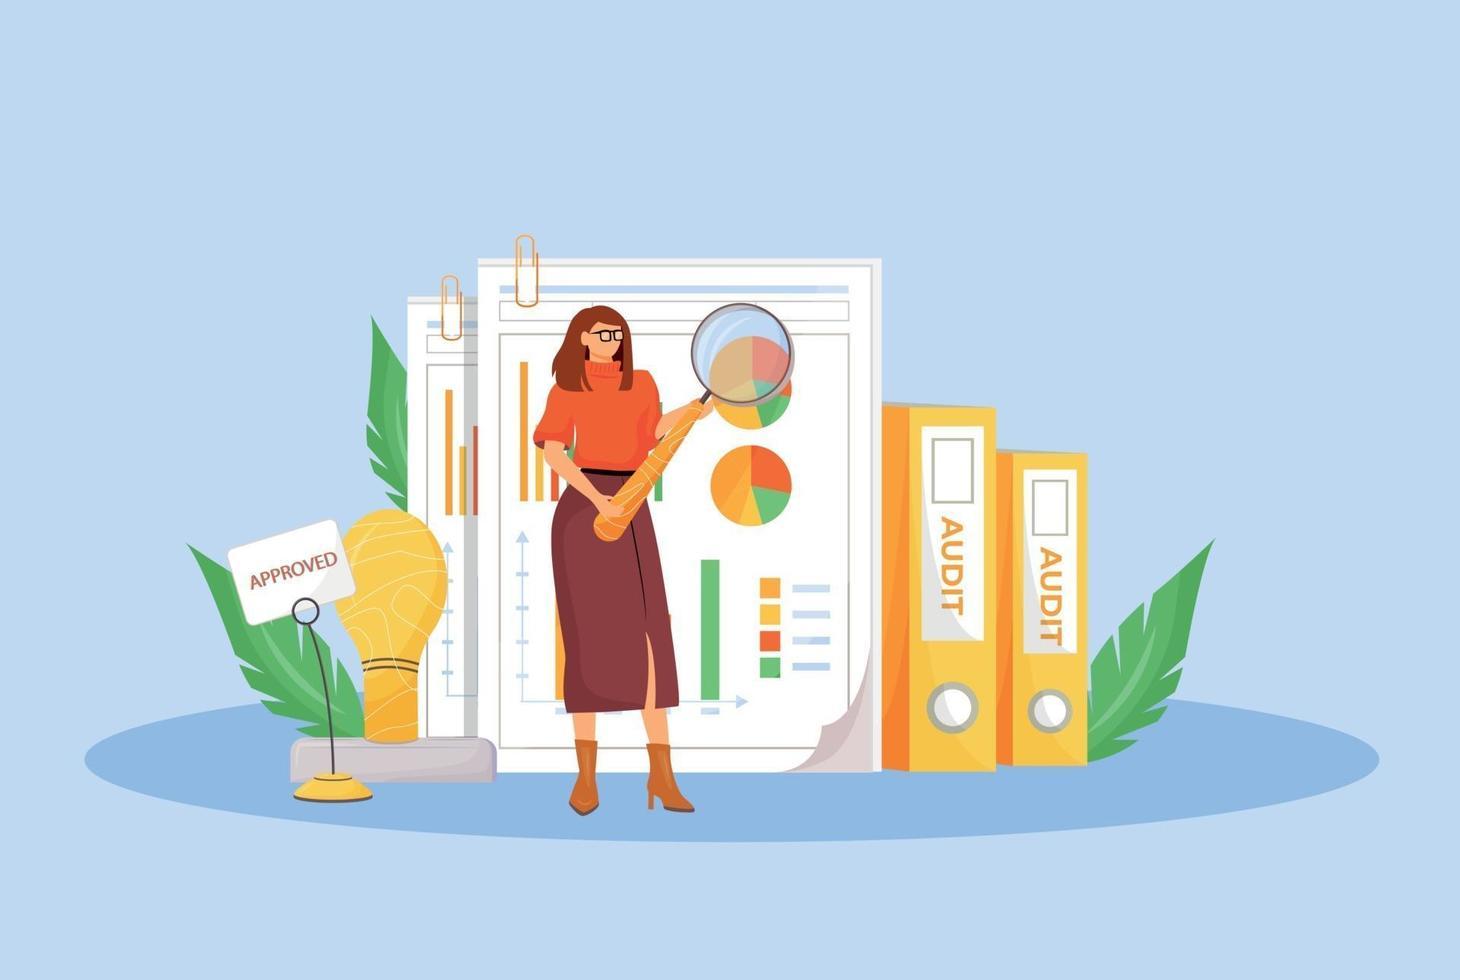 financiële audit platte concept vectorillustratie. professionele financier, bedrijfsanalist 2d stripfiguur voor webdesign. economische analyse, budgetbeoordeling, boekhoudkundig creatief idee vector